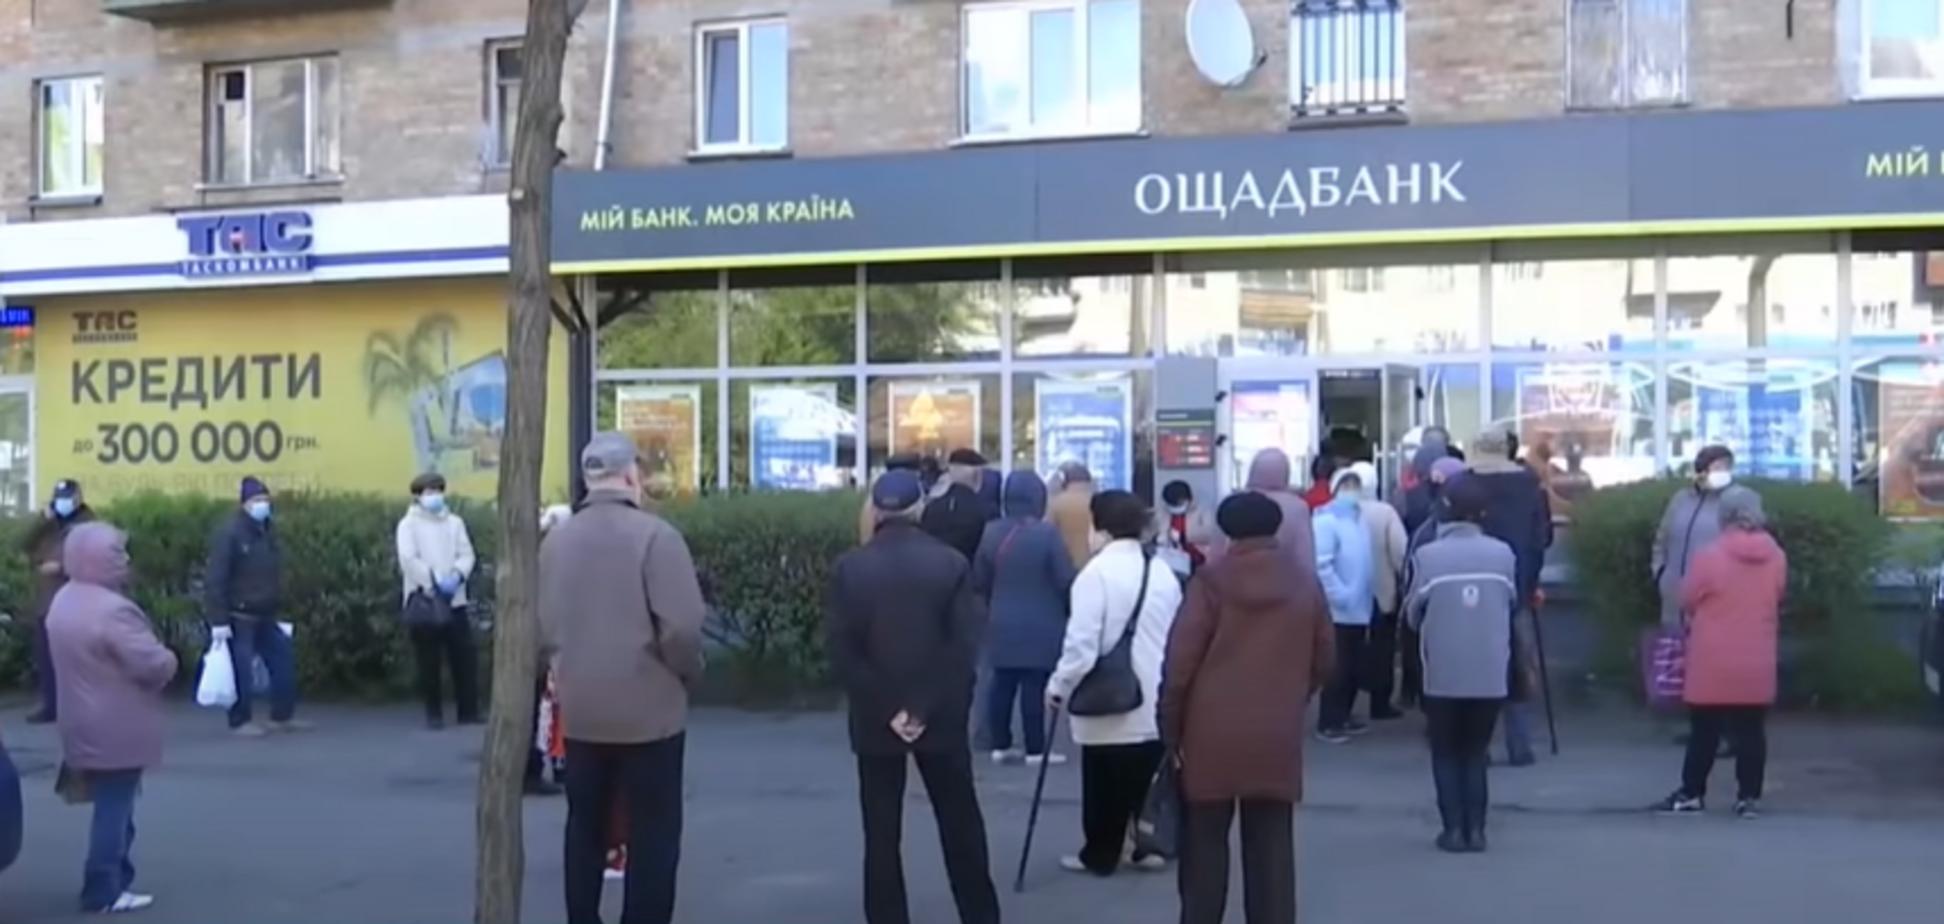 В Киеве пенсионеры массово штурмовали банки и почту. Видео